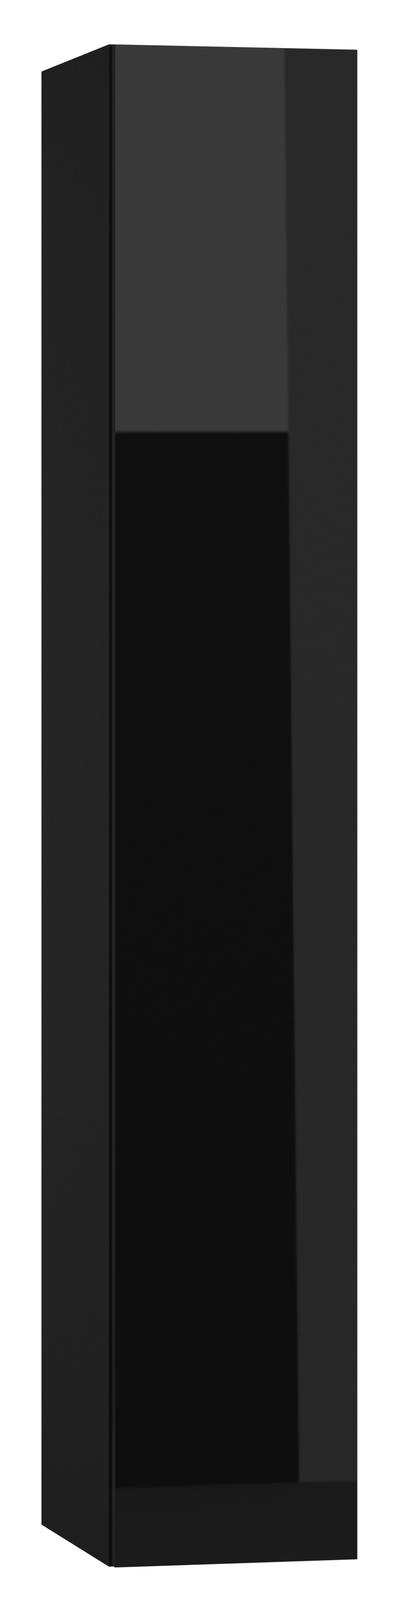 Skrinka na stenu - Famm - Vigo 180 plné dvierka čierna